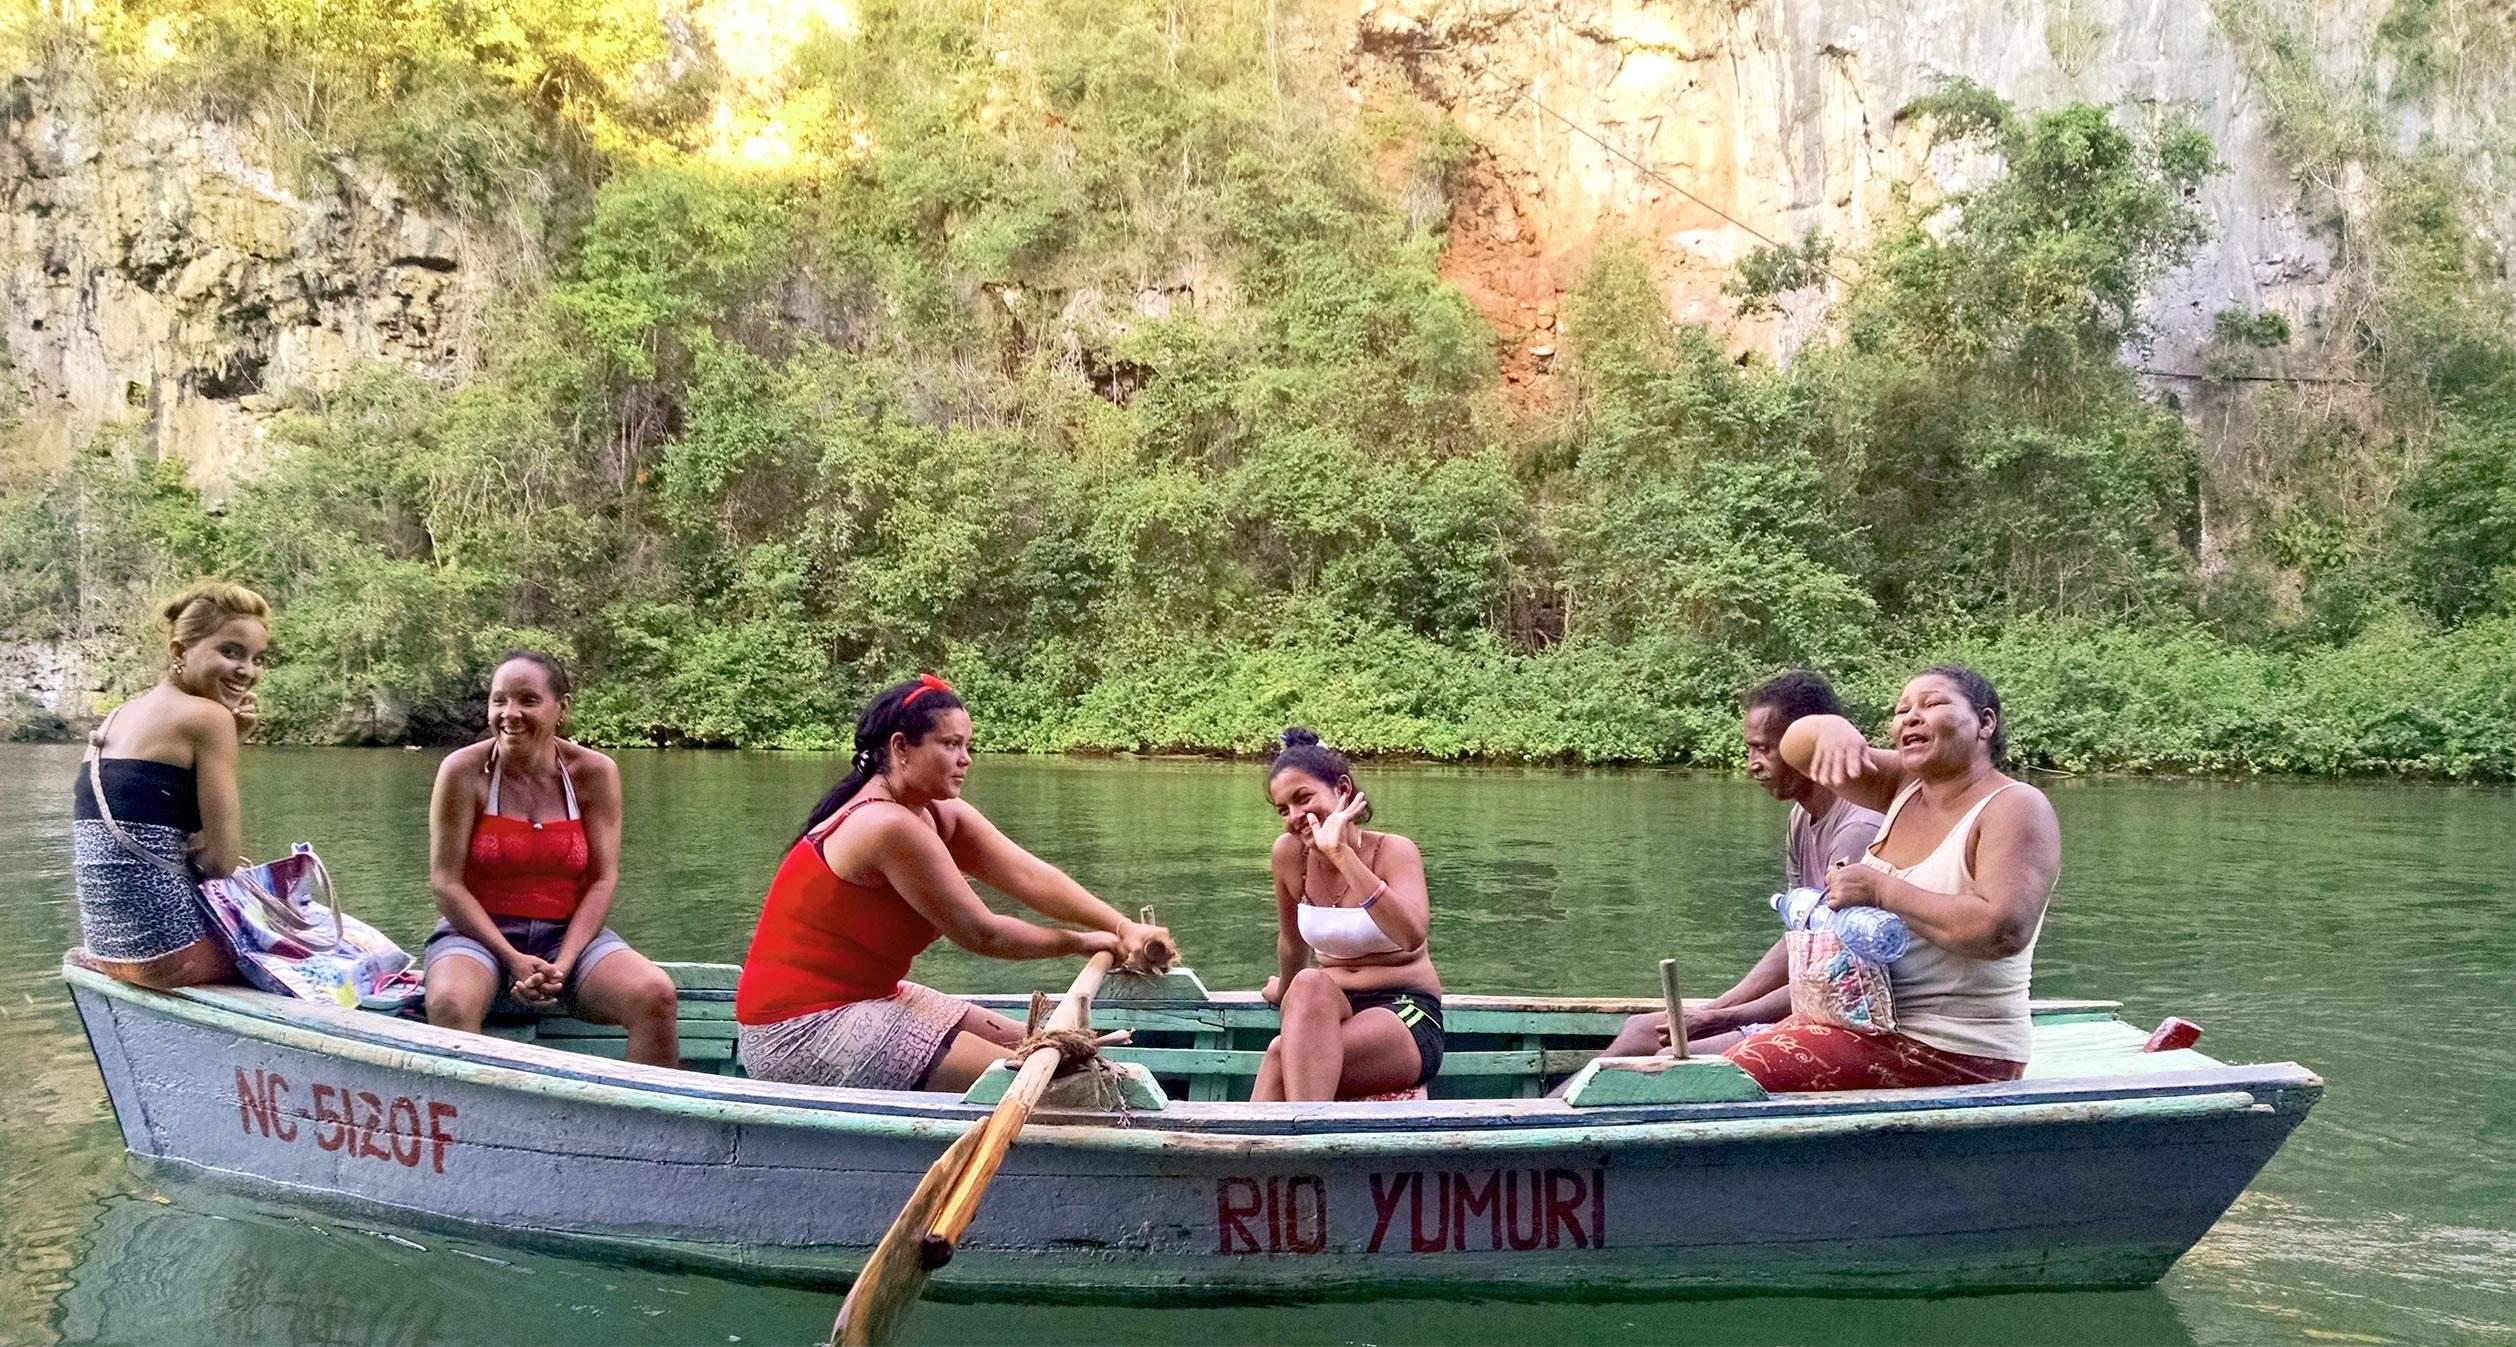 Boat on Yumuri river